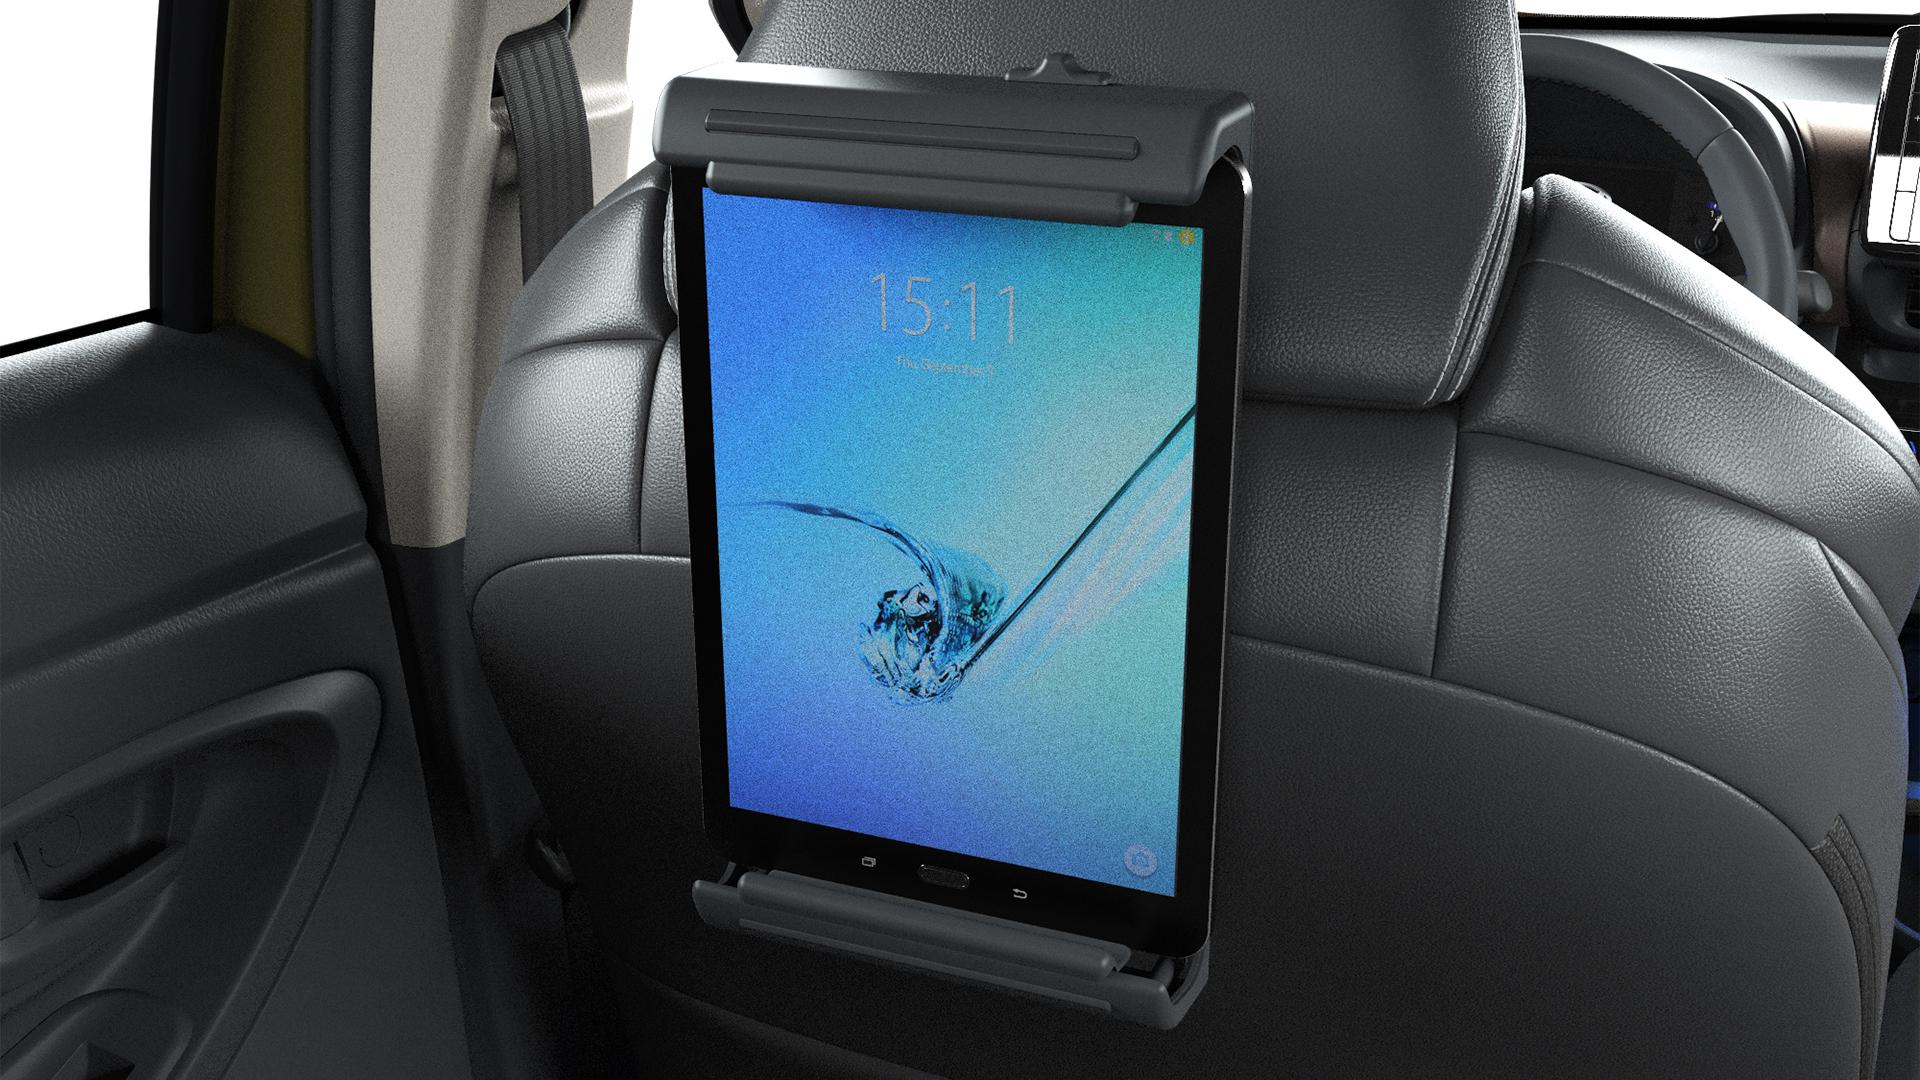 Acessório para o carro suporte de ipad